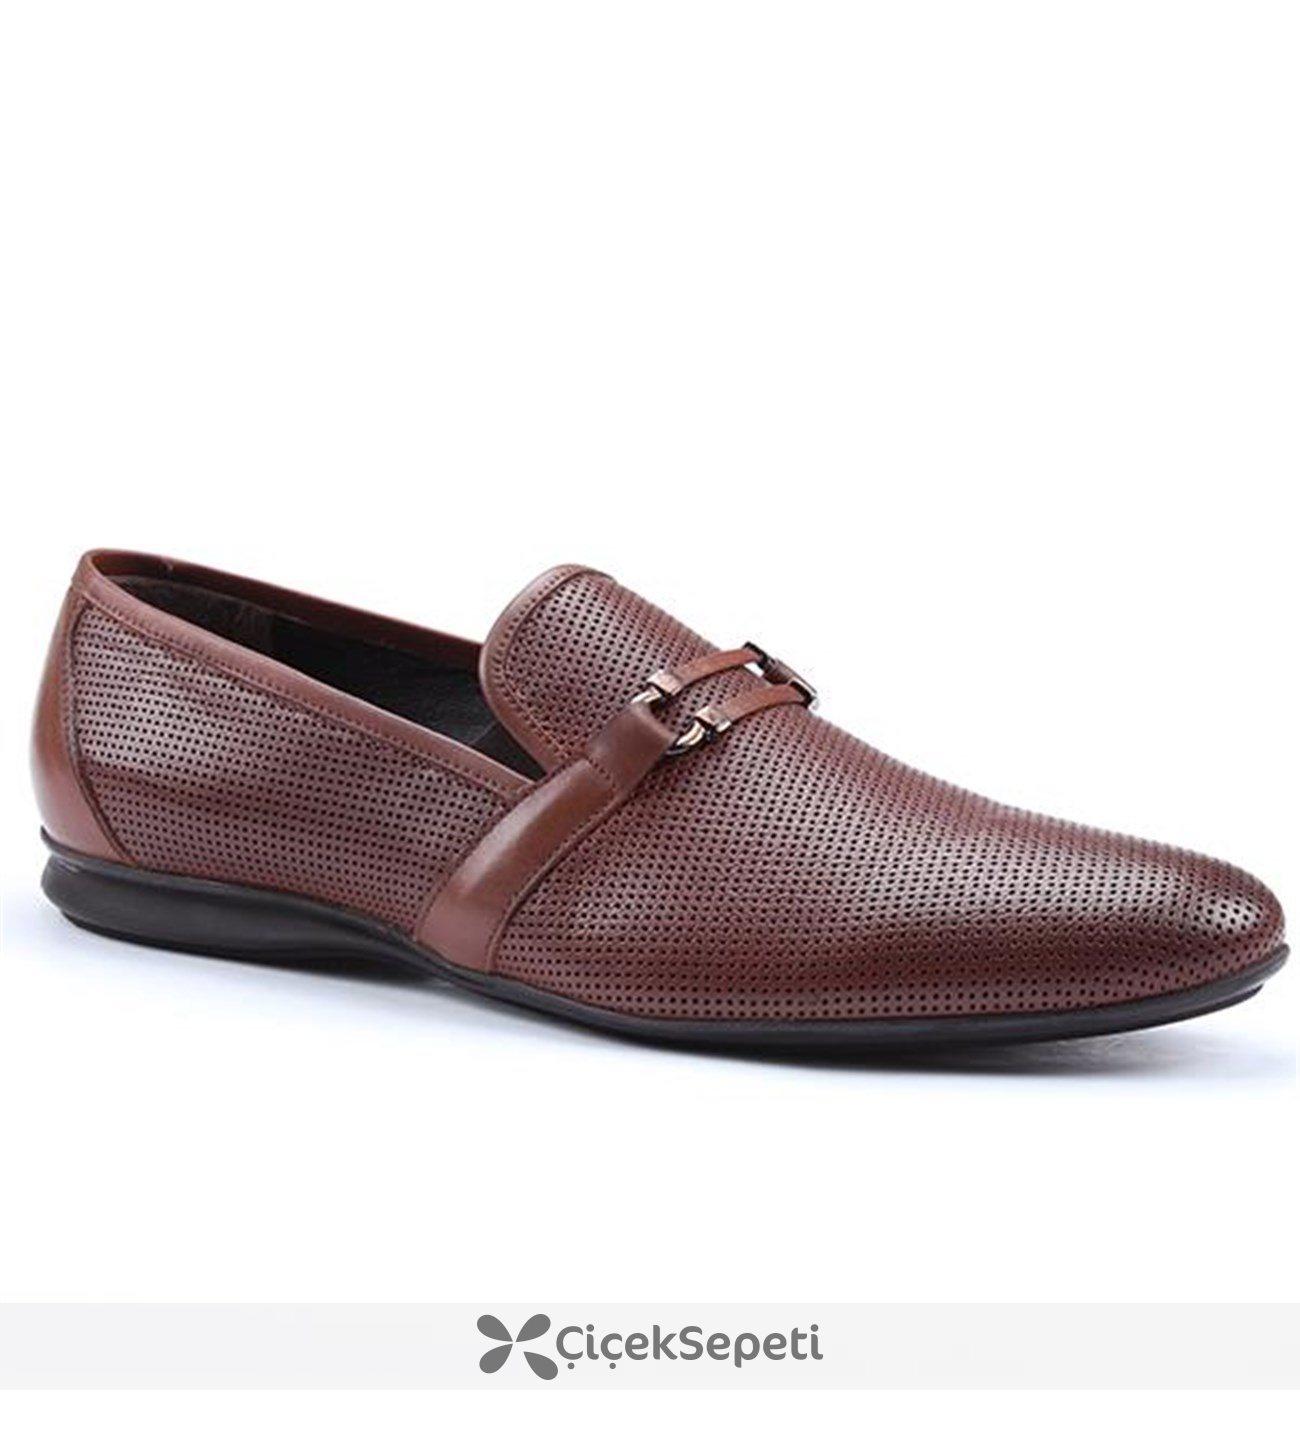 Metropolis 141-11462 Günlük Klasik Erkek Ayakkabı Kahverengi